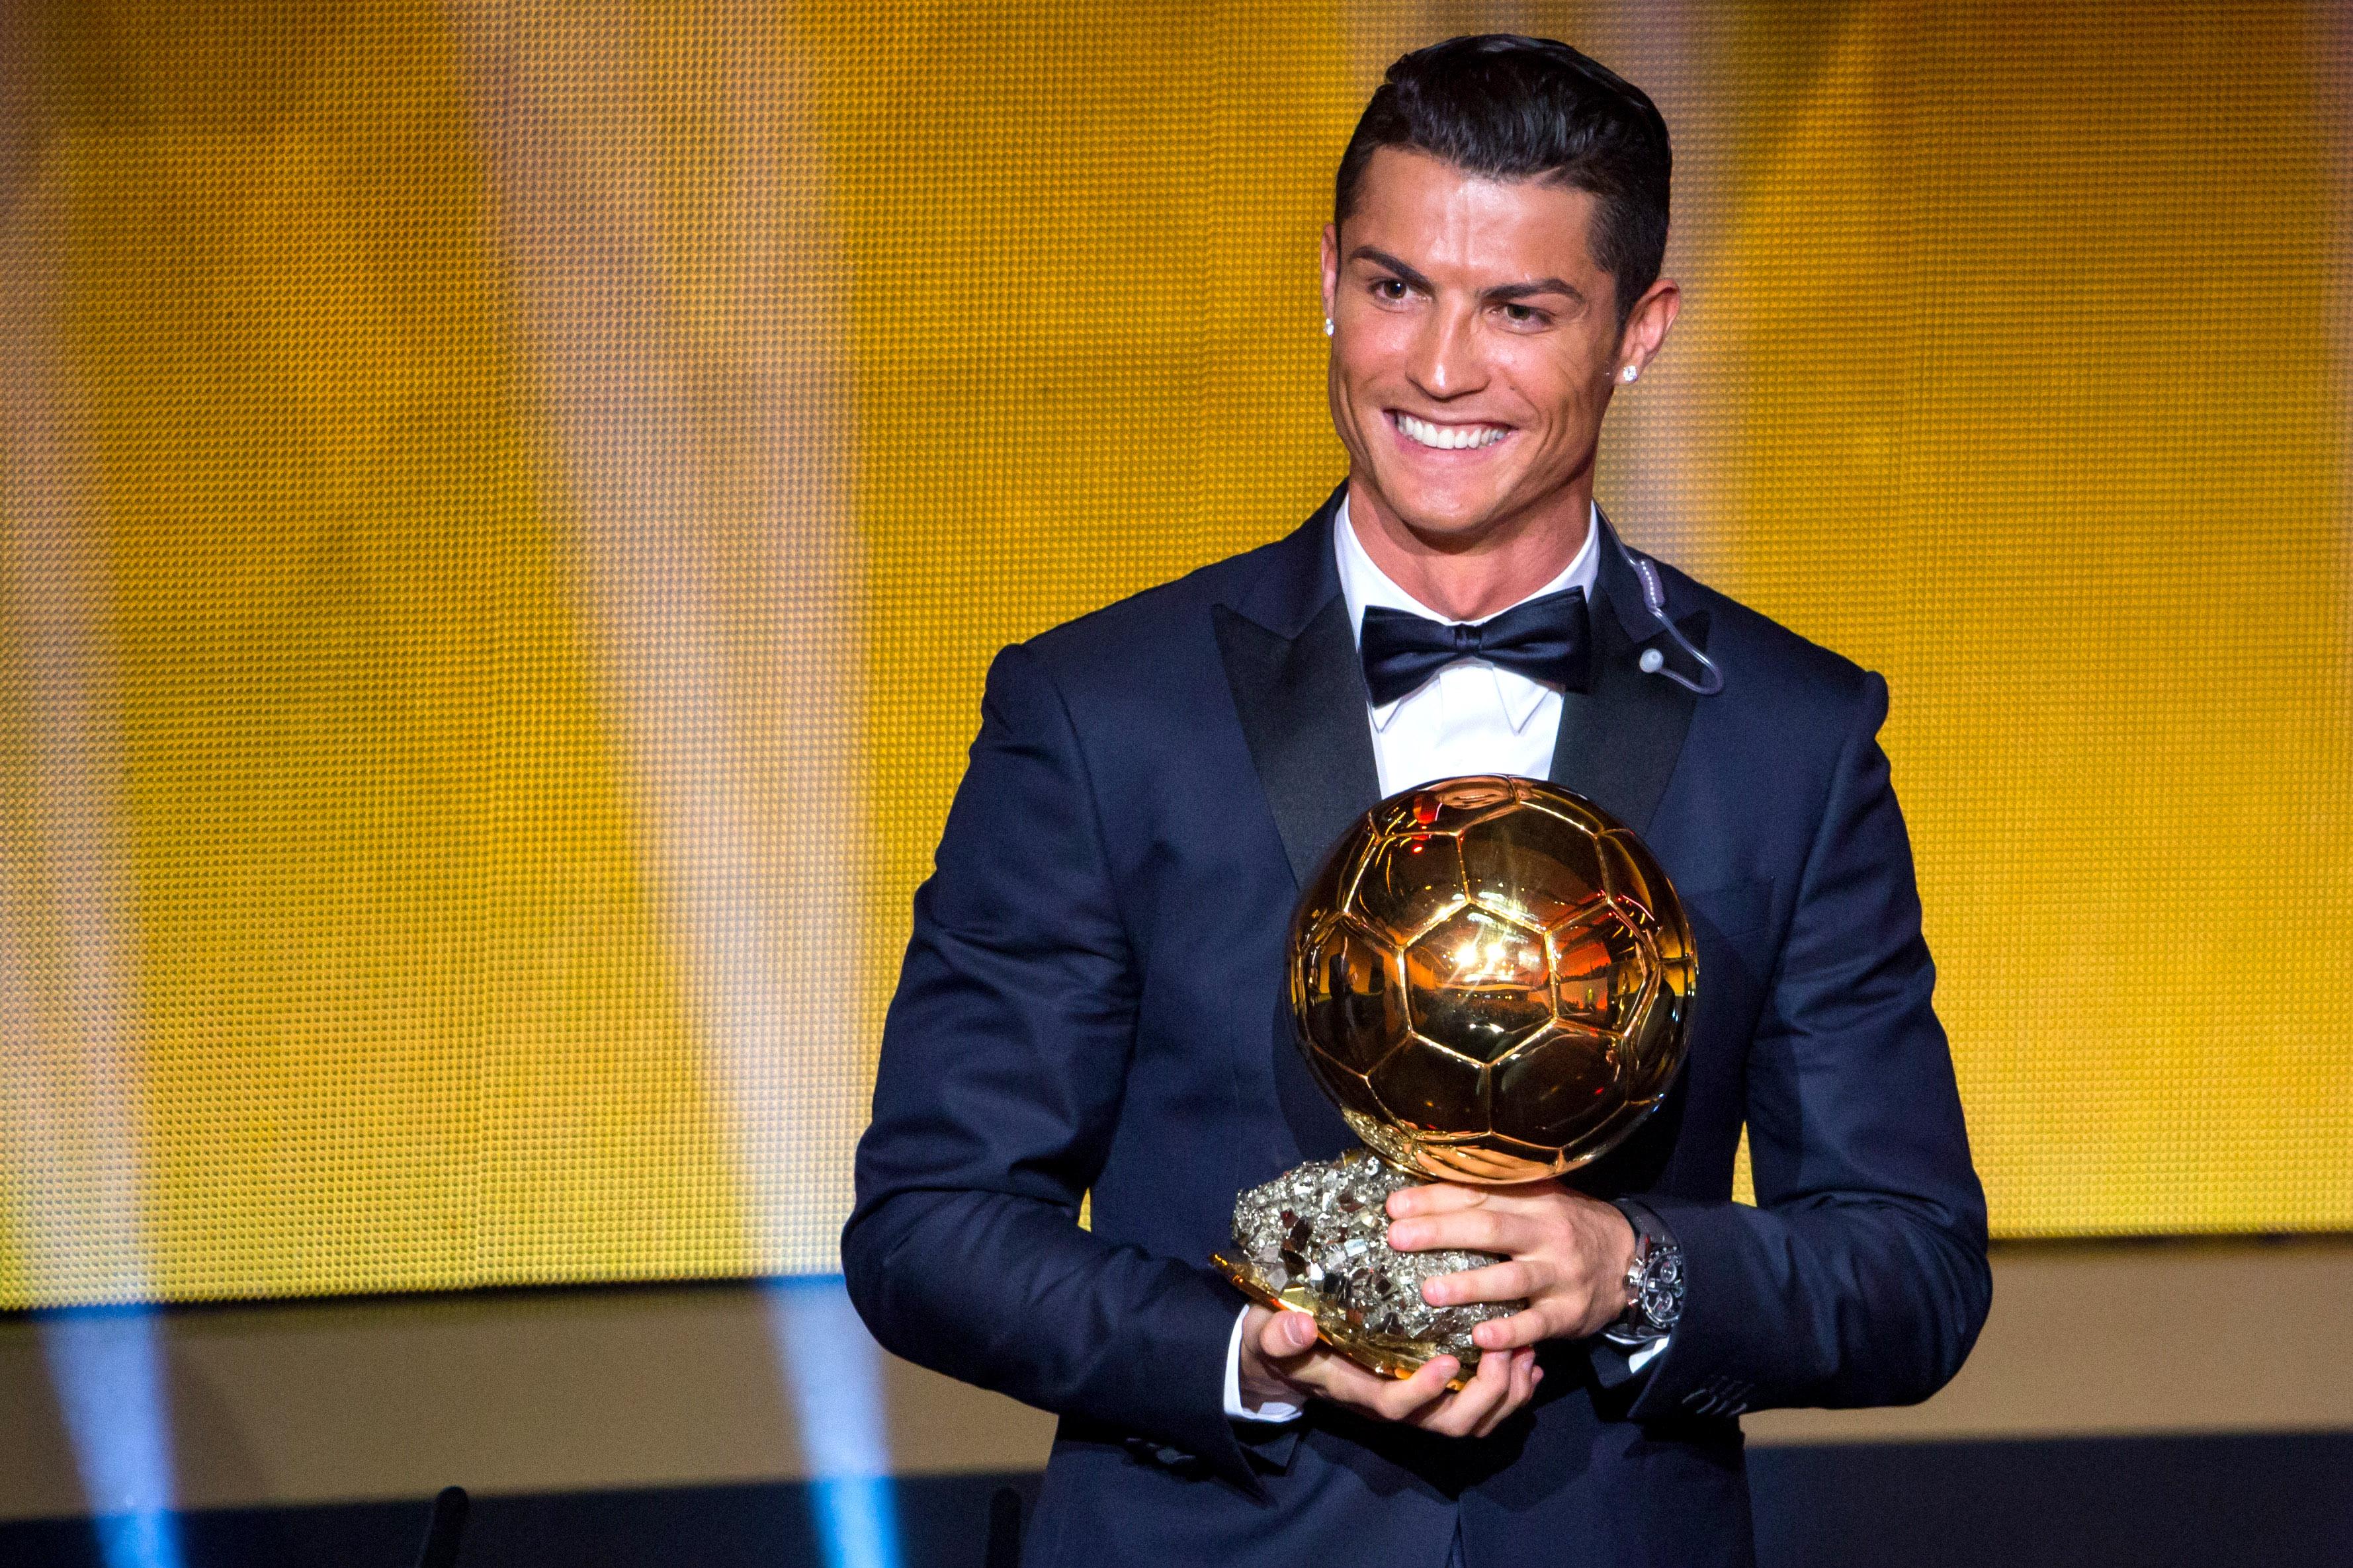 FIFA Ballon d'Or Award: Roberto Carlos Believes Cristiano Ronaldo Has Even More Awards Ahead Of Him